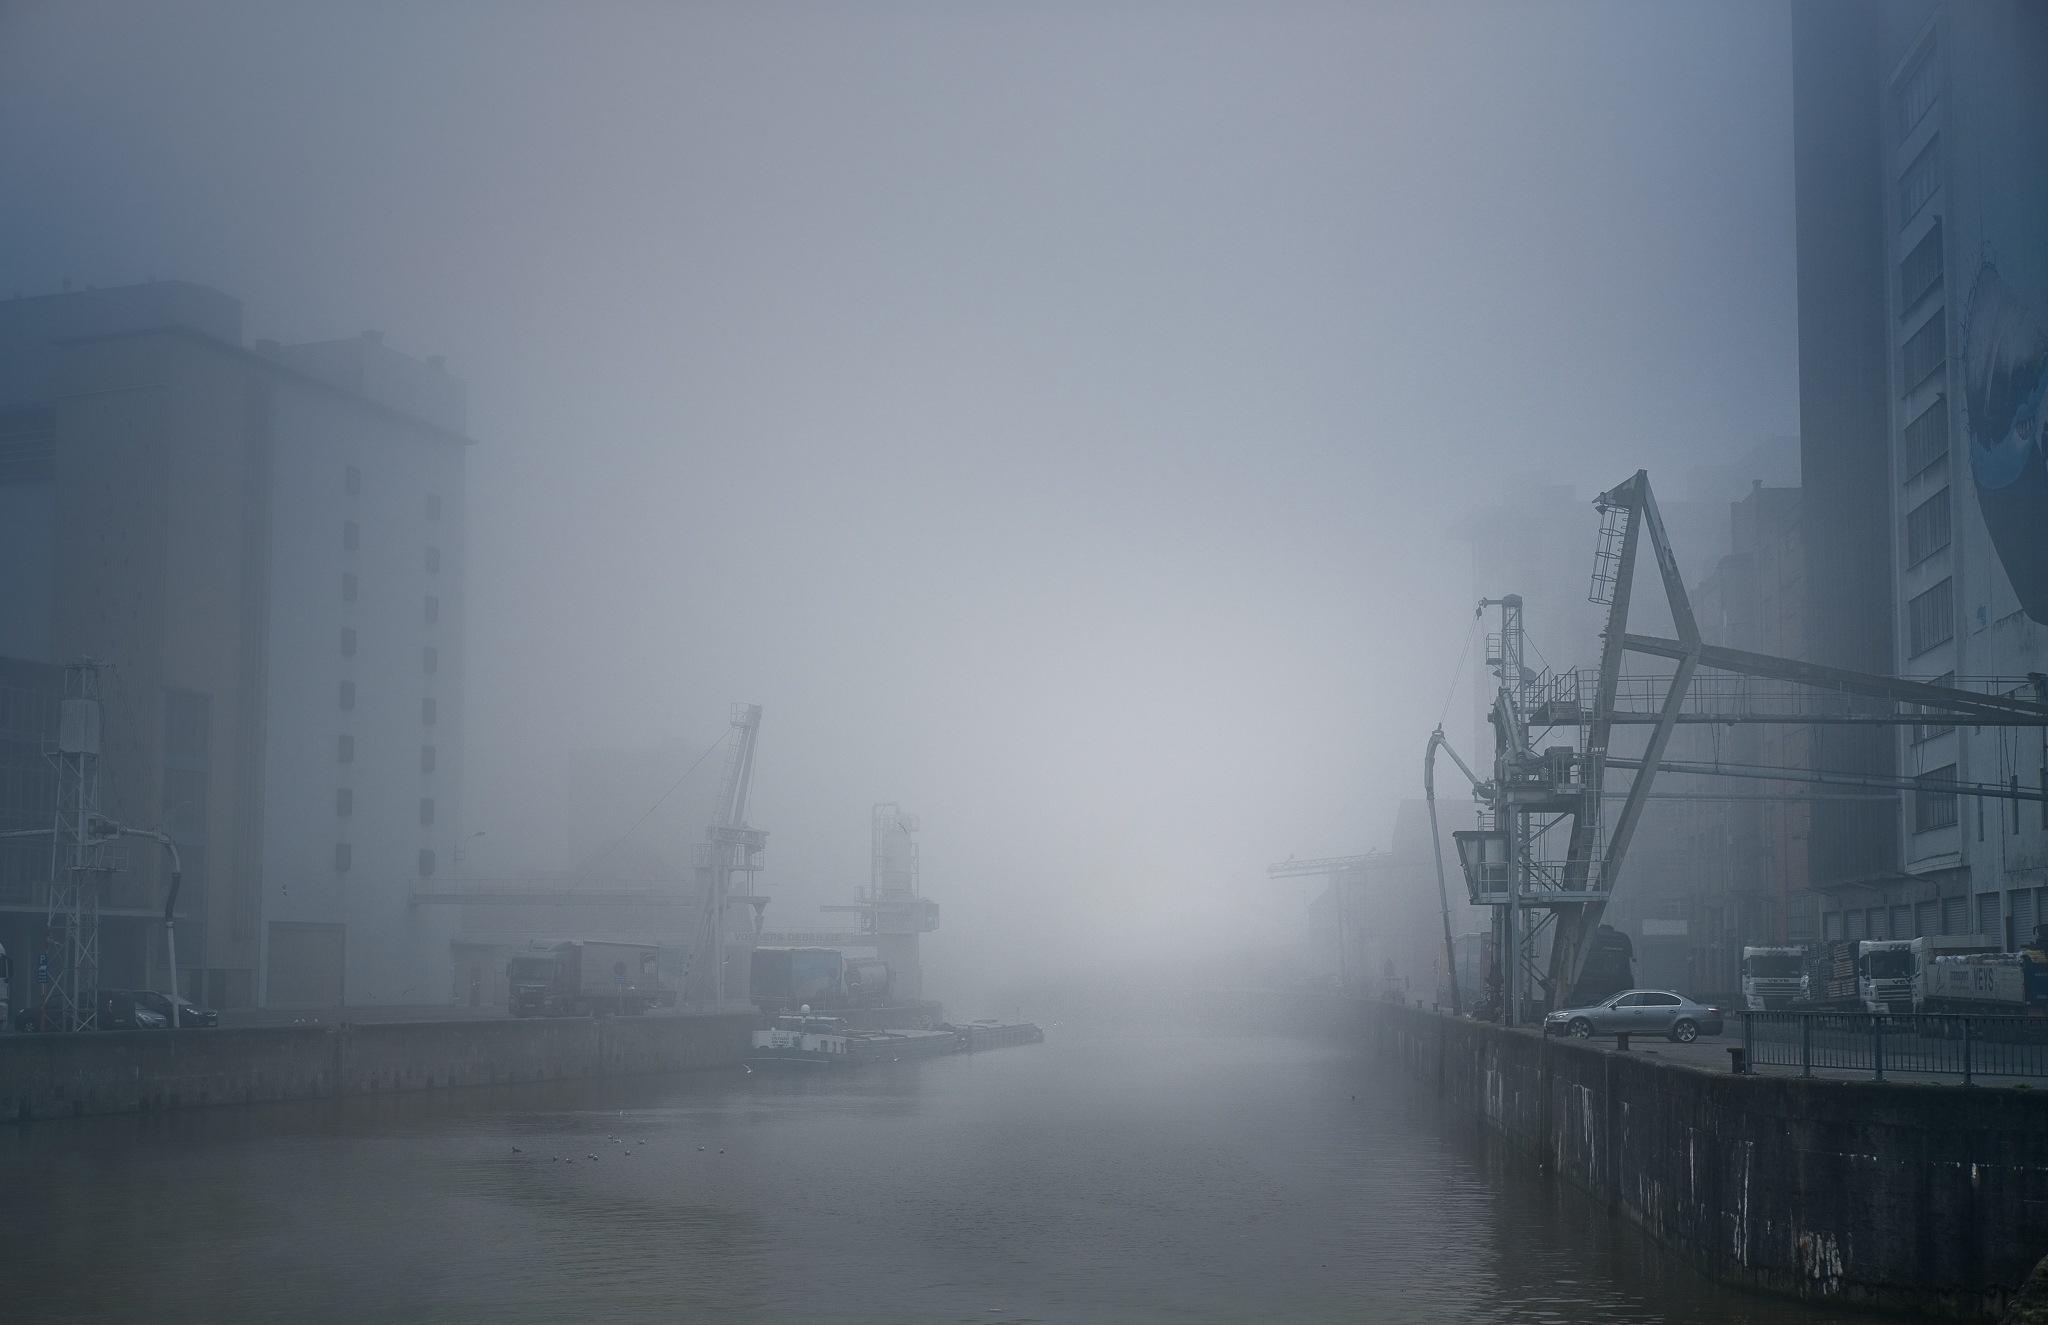 Winter blues. by Jan Beernaert